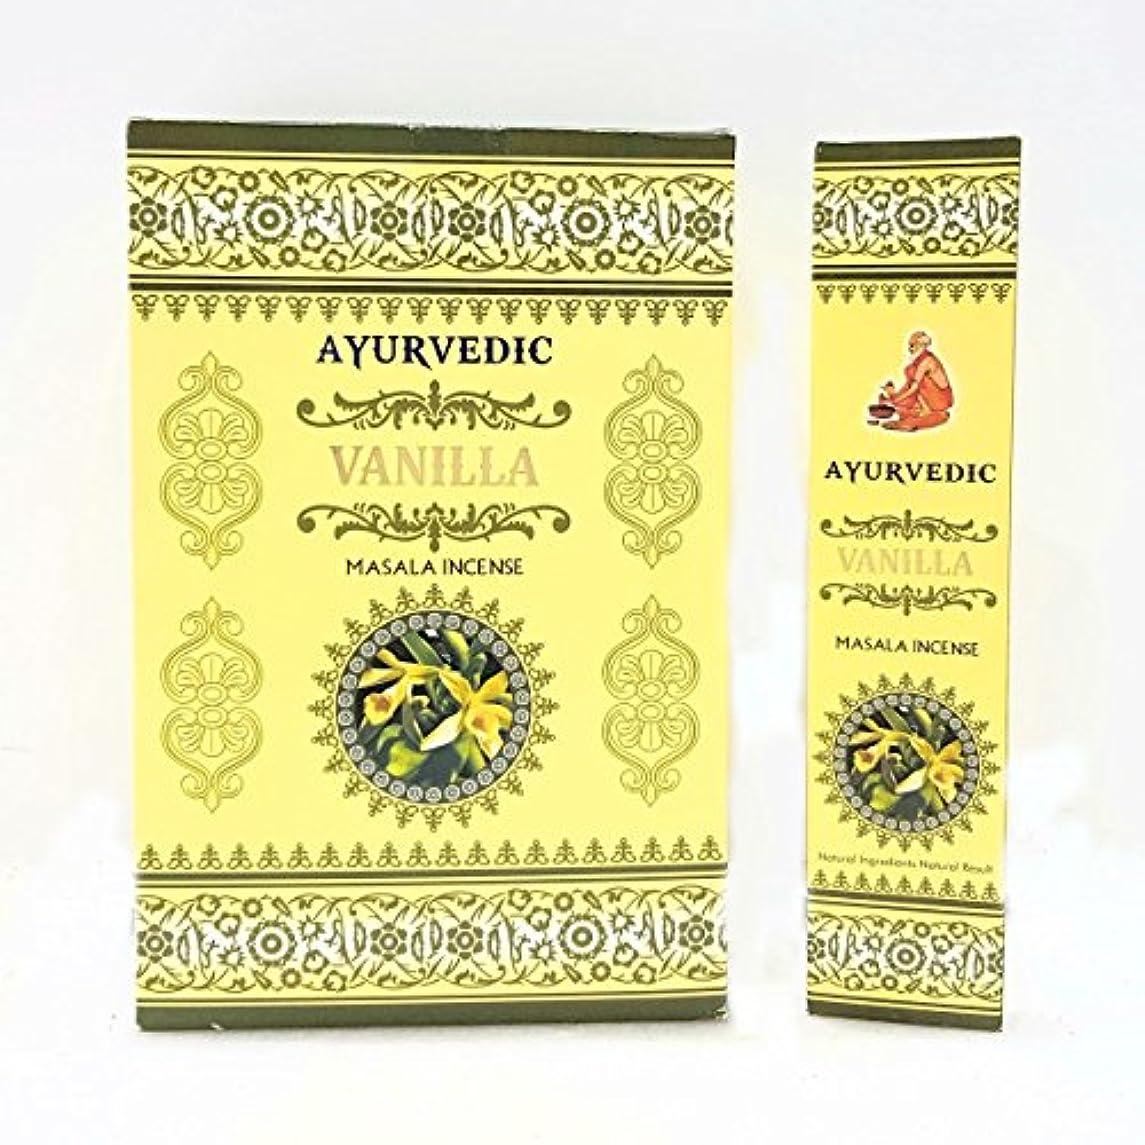 過激派コントロール床を掃除するアーユルヴェーダバニラMasala Incense Sticks Agarbatti (12パックX 15 Sticks各)